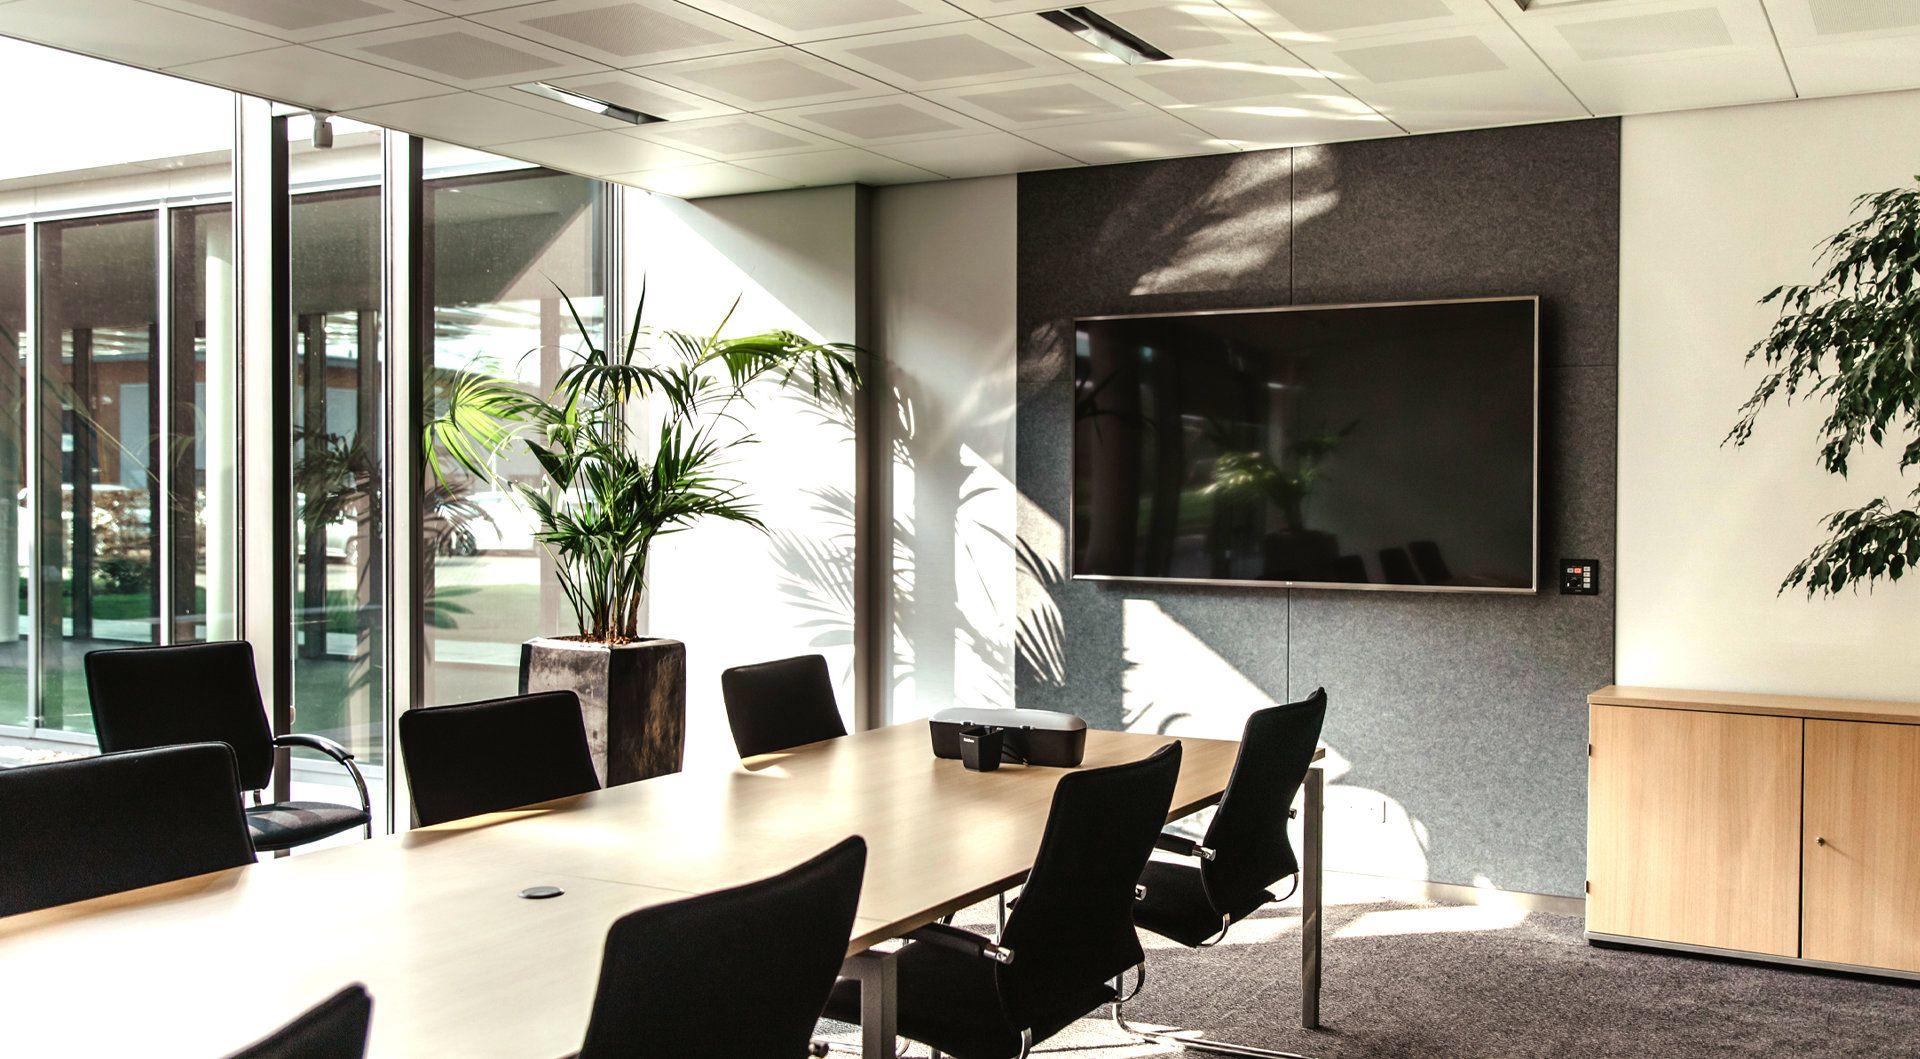 """Projecta HomeScreen Deluxe 204x316 projectiescherm 3,53 m (139"""") 16:10 - Case studie de vries"""